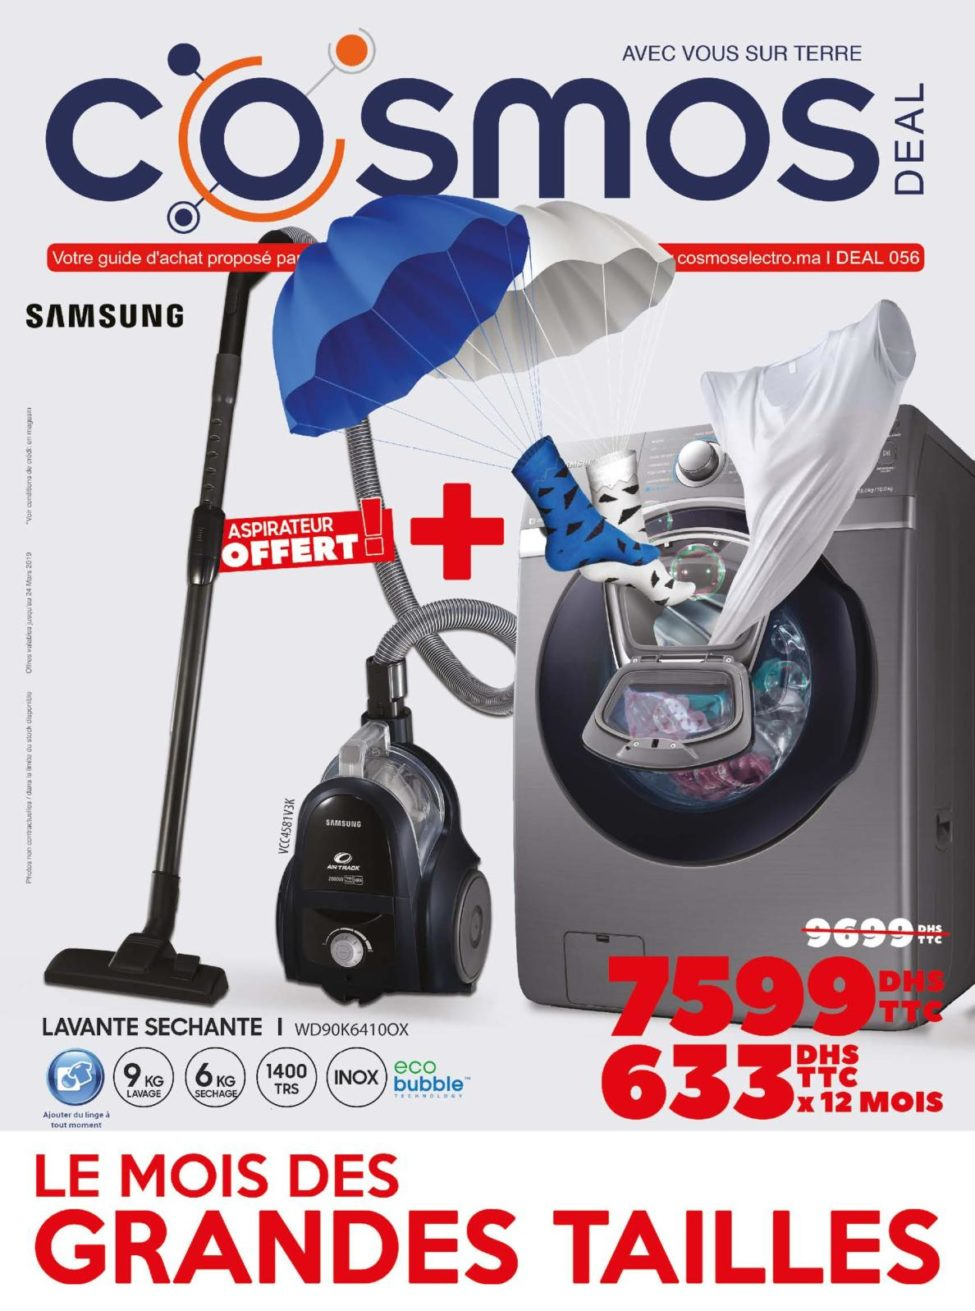 Catalogue Cosmos Electro Jusqu'au 24 Mars 2019